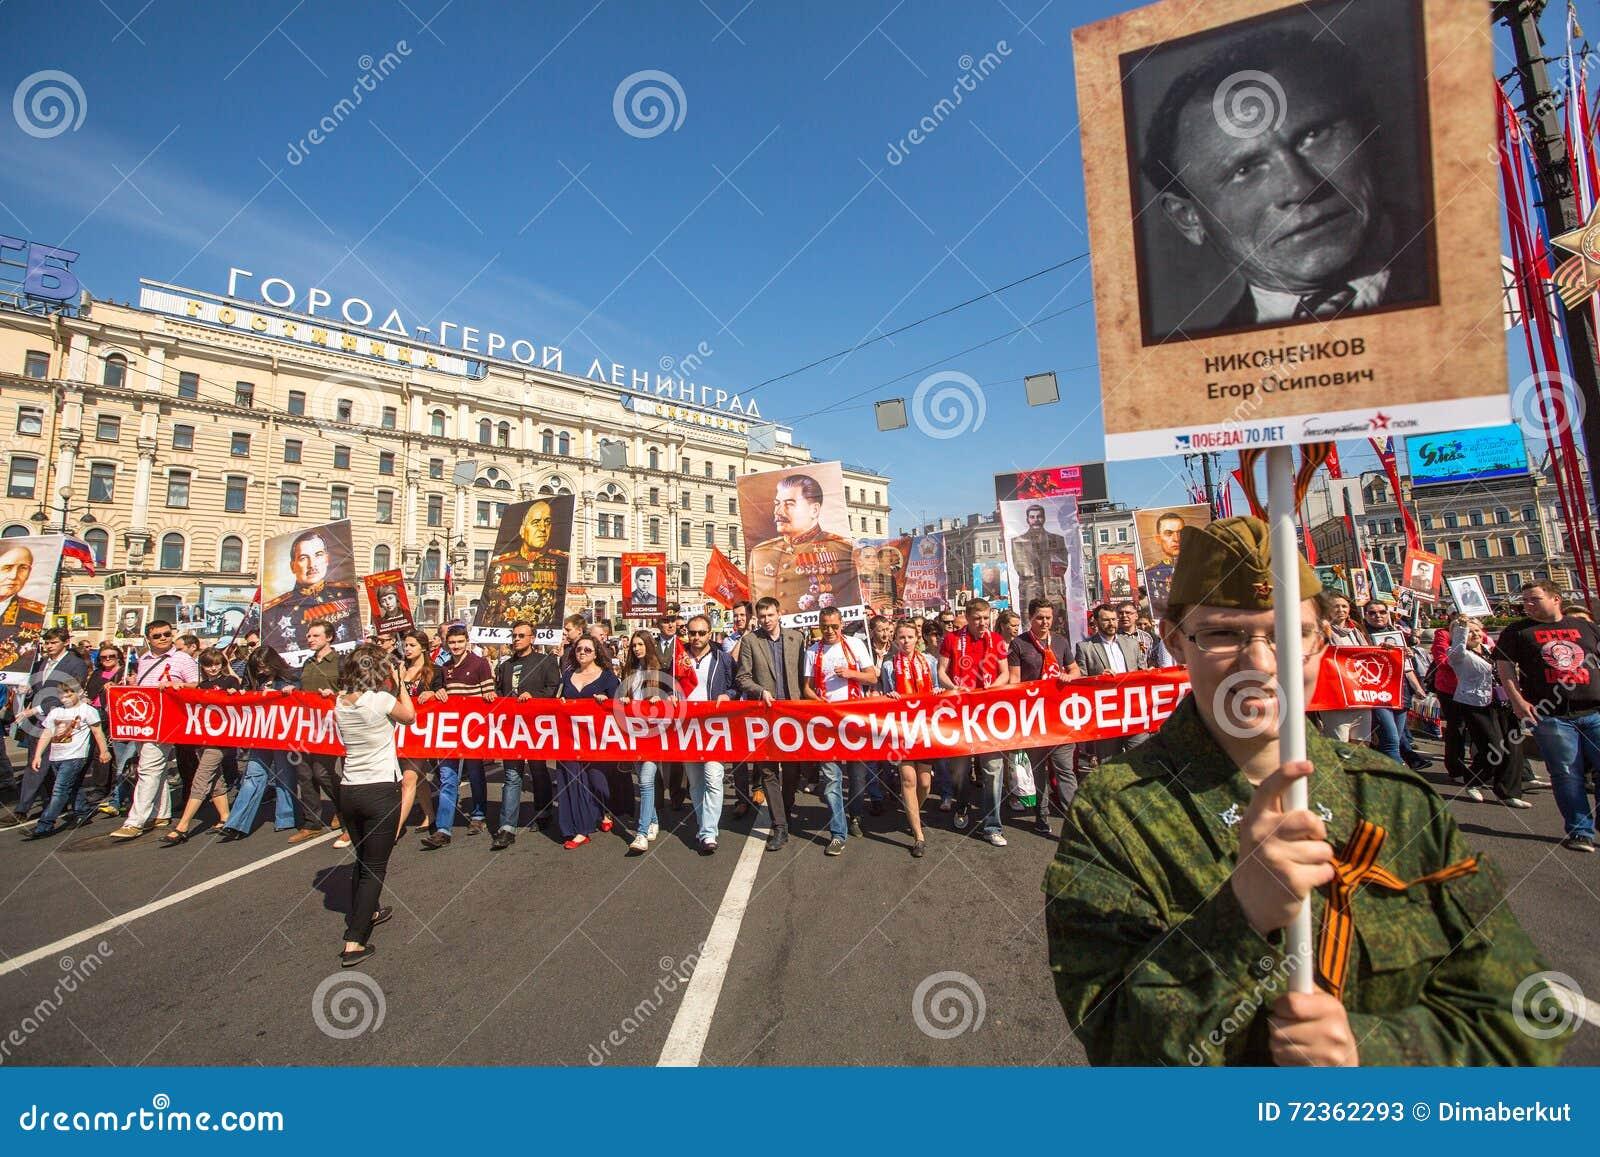 不朽的军团-国际公开行动的参加者,在俄罗斯发生